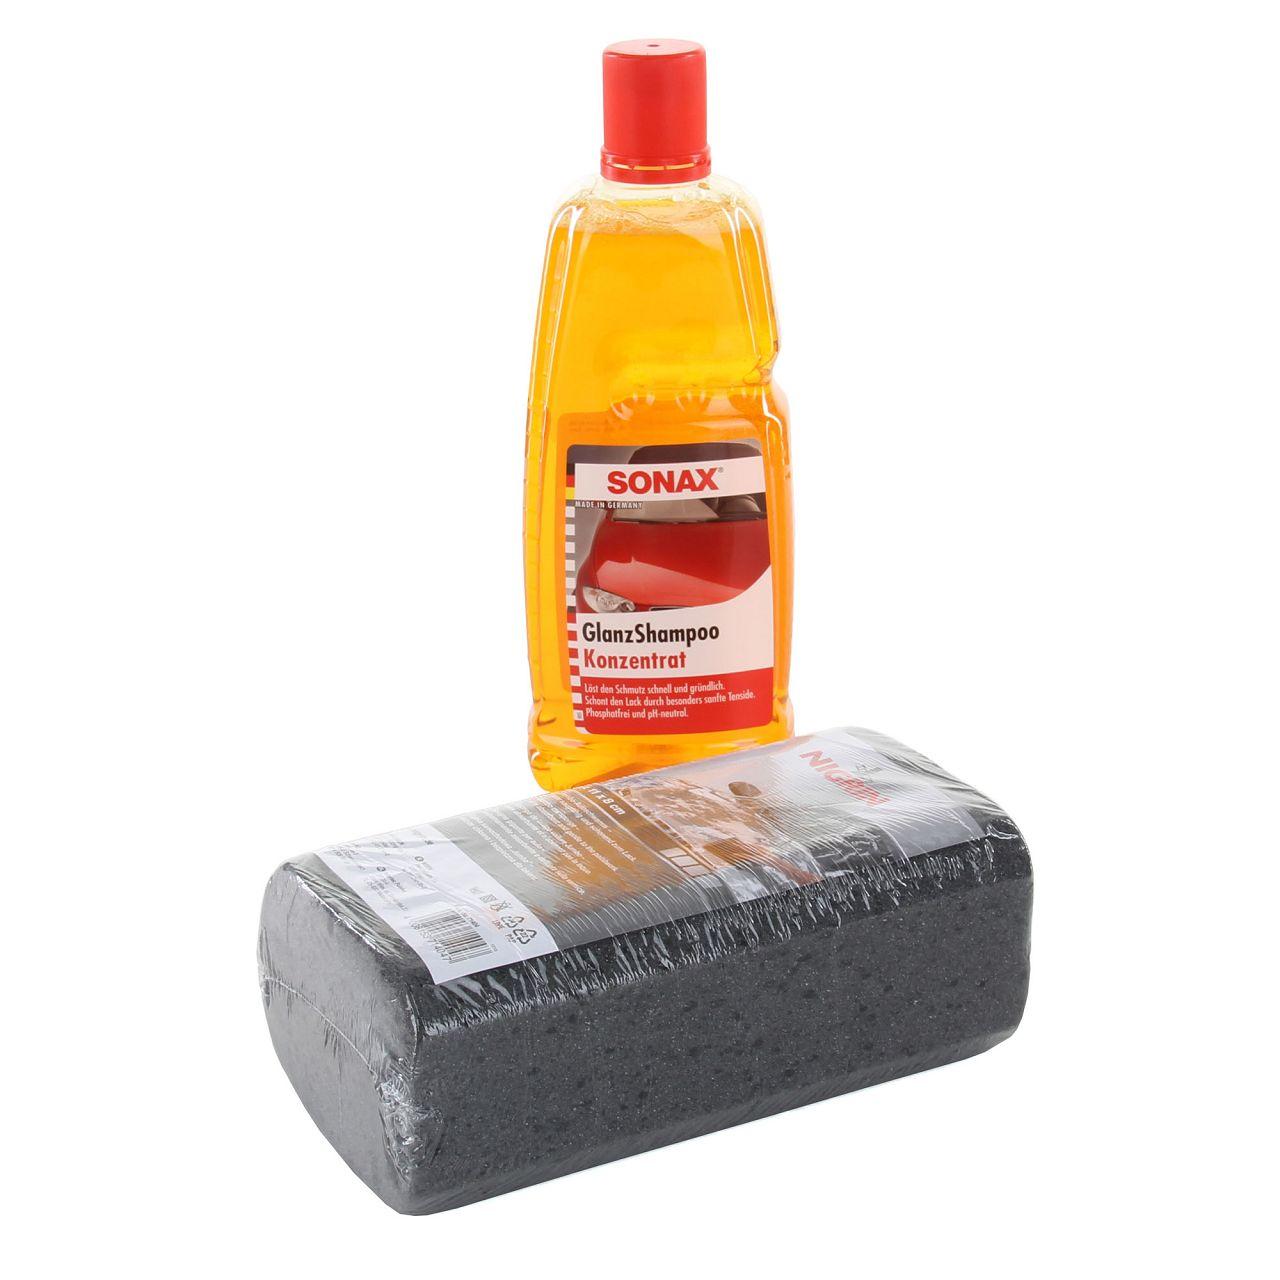 SONAX GlanzShampoo Konzentrat Auto-Shampoo 1 Liter + Schwamm Autoschwamm